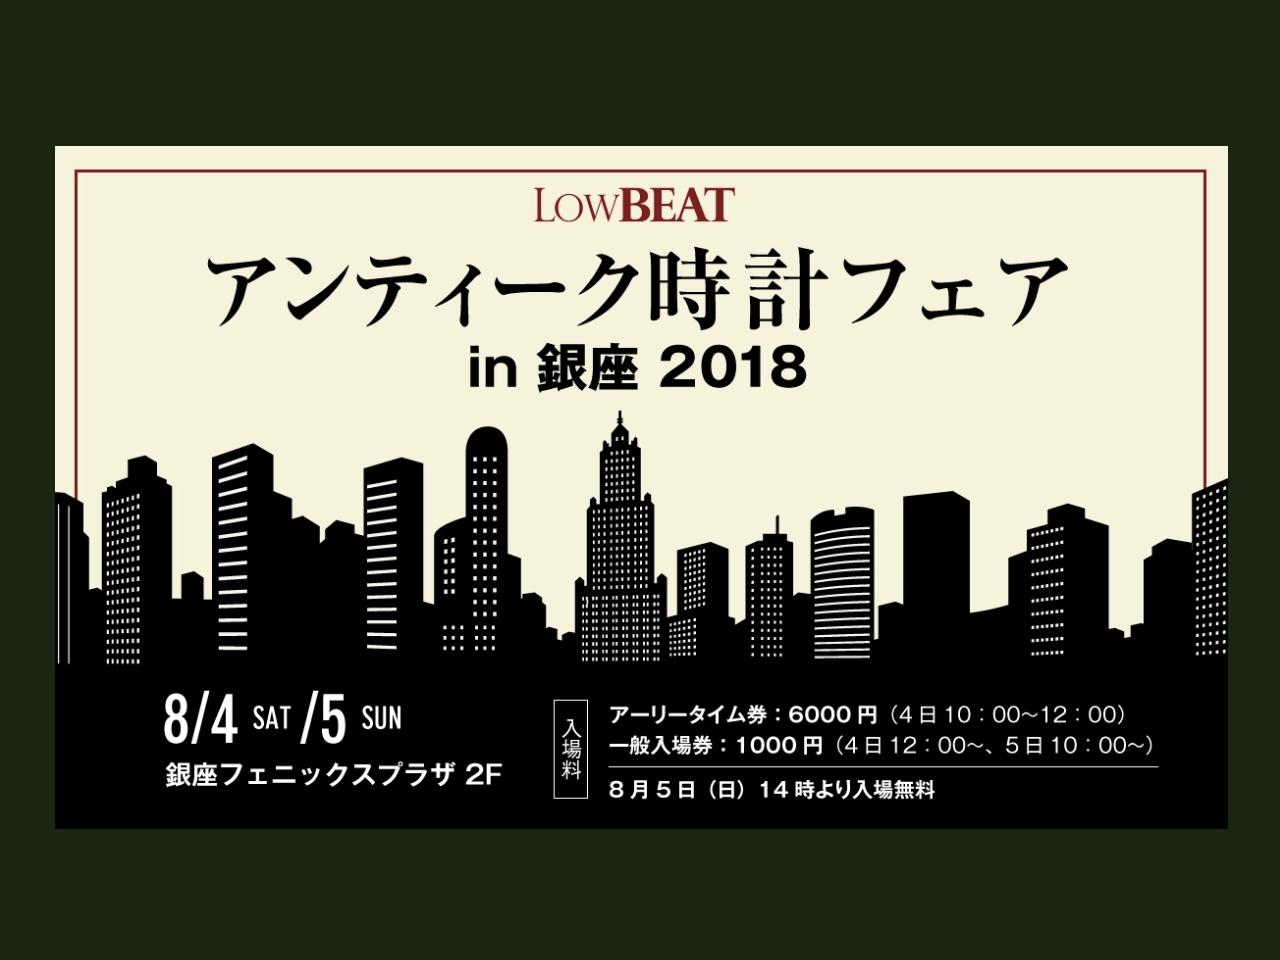 LowBEAT アンティーク時計フェア in 銀座 開催! 当店も出店します。